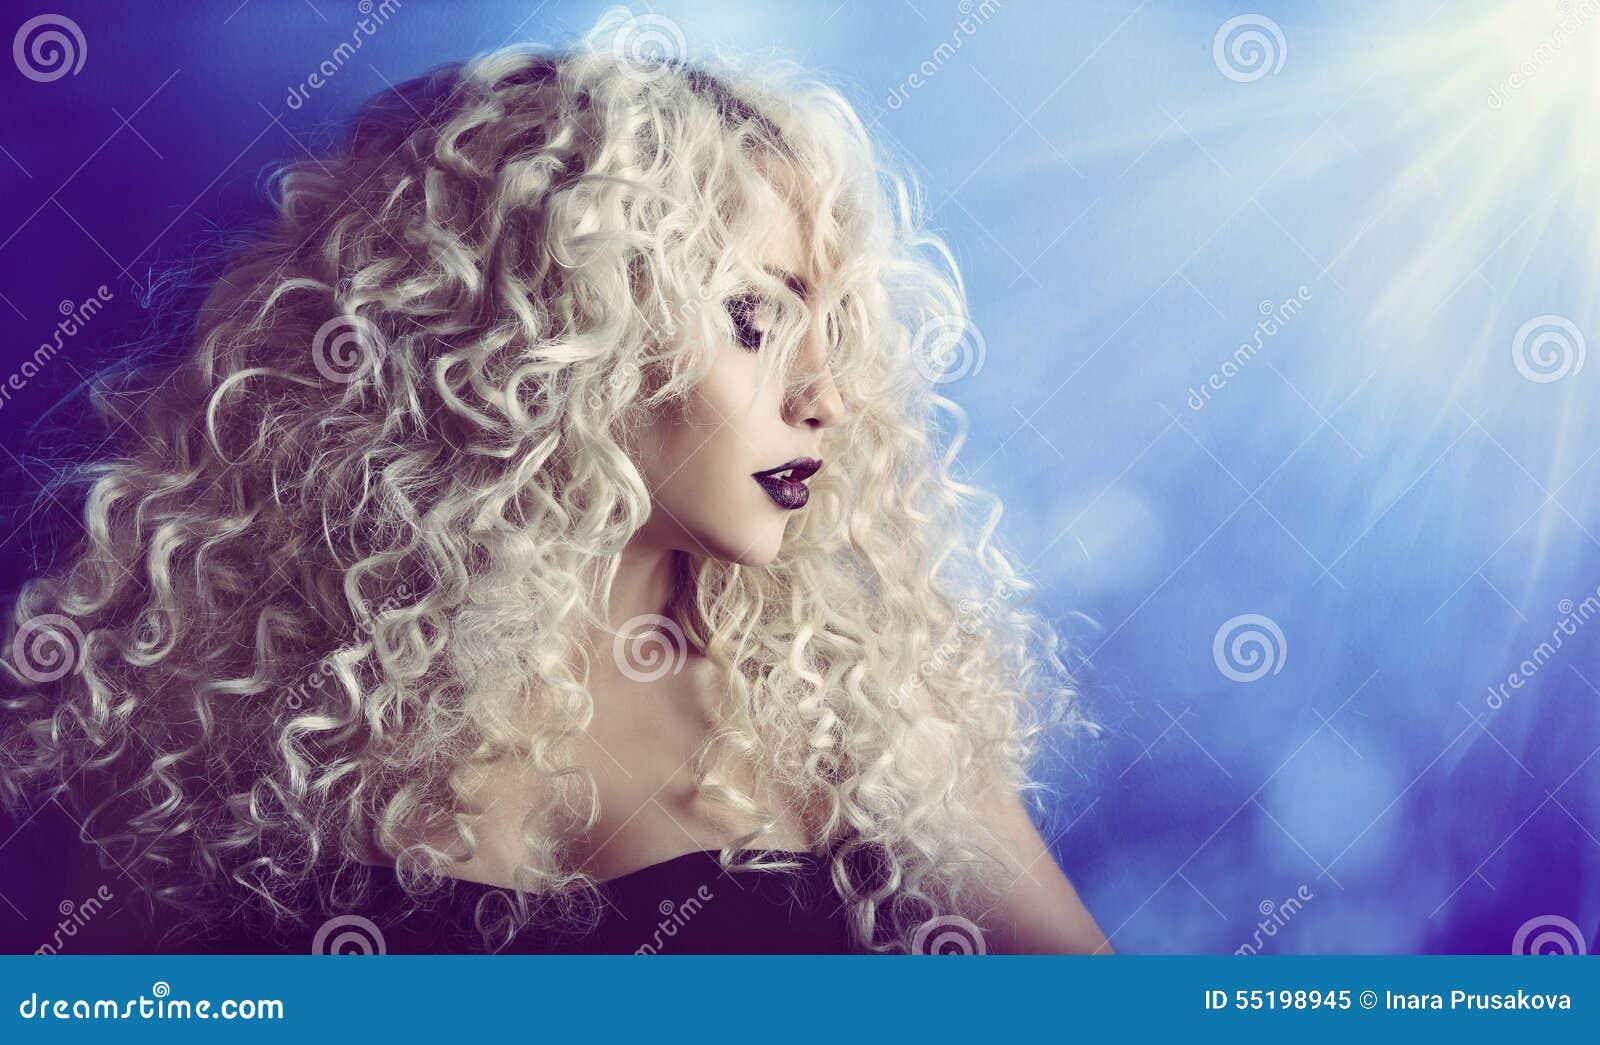 Σγουρή τρίχα, πορτρέτο προσώπου ομορφιάς γυναικών, πρότυπο κορίτσι μόδας με